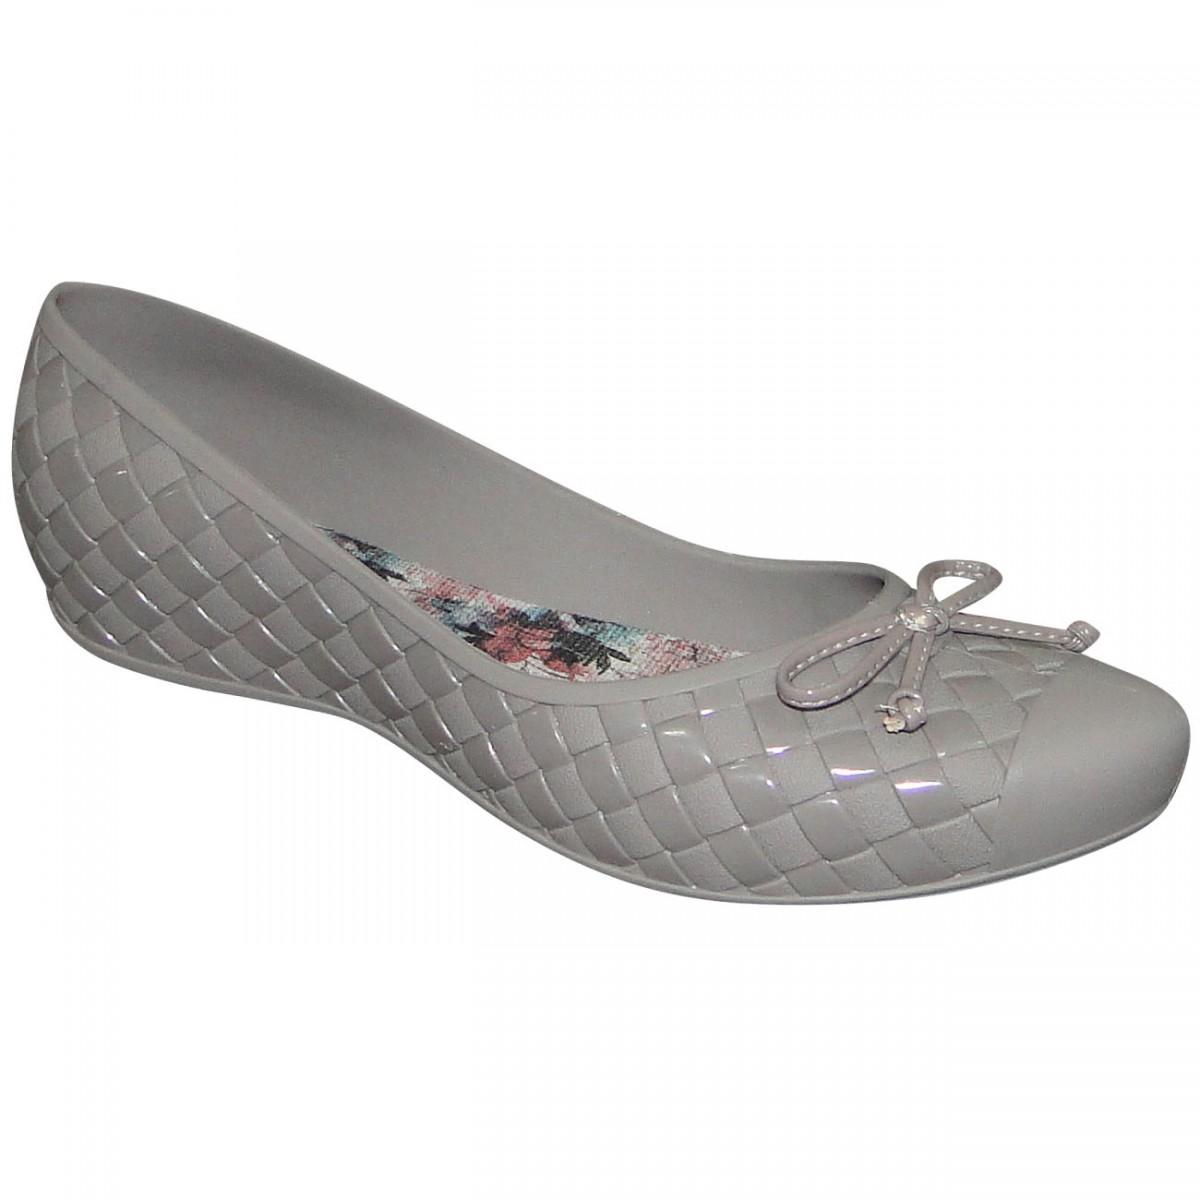 92680b0f7 Sapatilha Boaonda Nika 1412-112-005 - Dove - Chuteira Nike